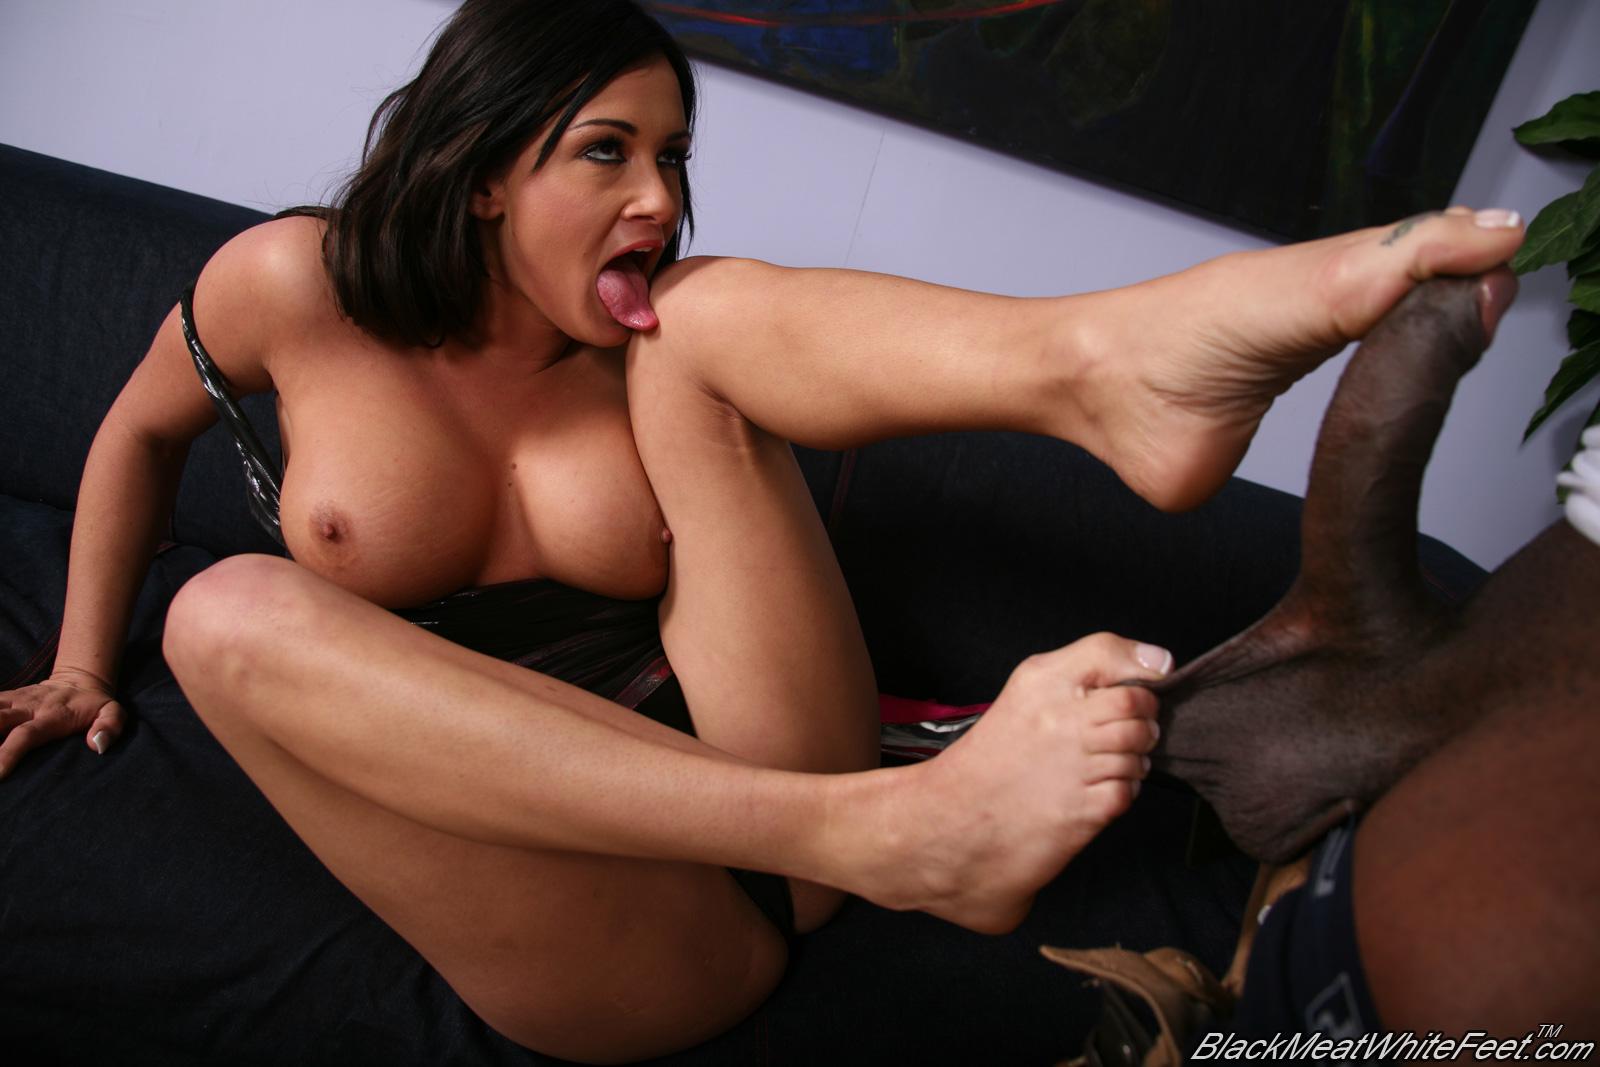 Tory Lane Footjob Porn Videos Pornhubcom